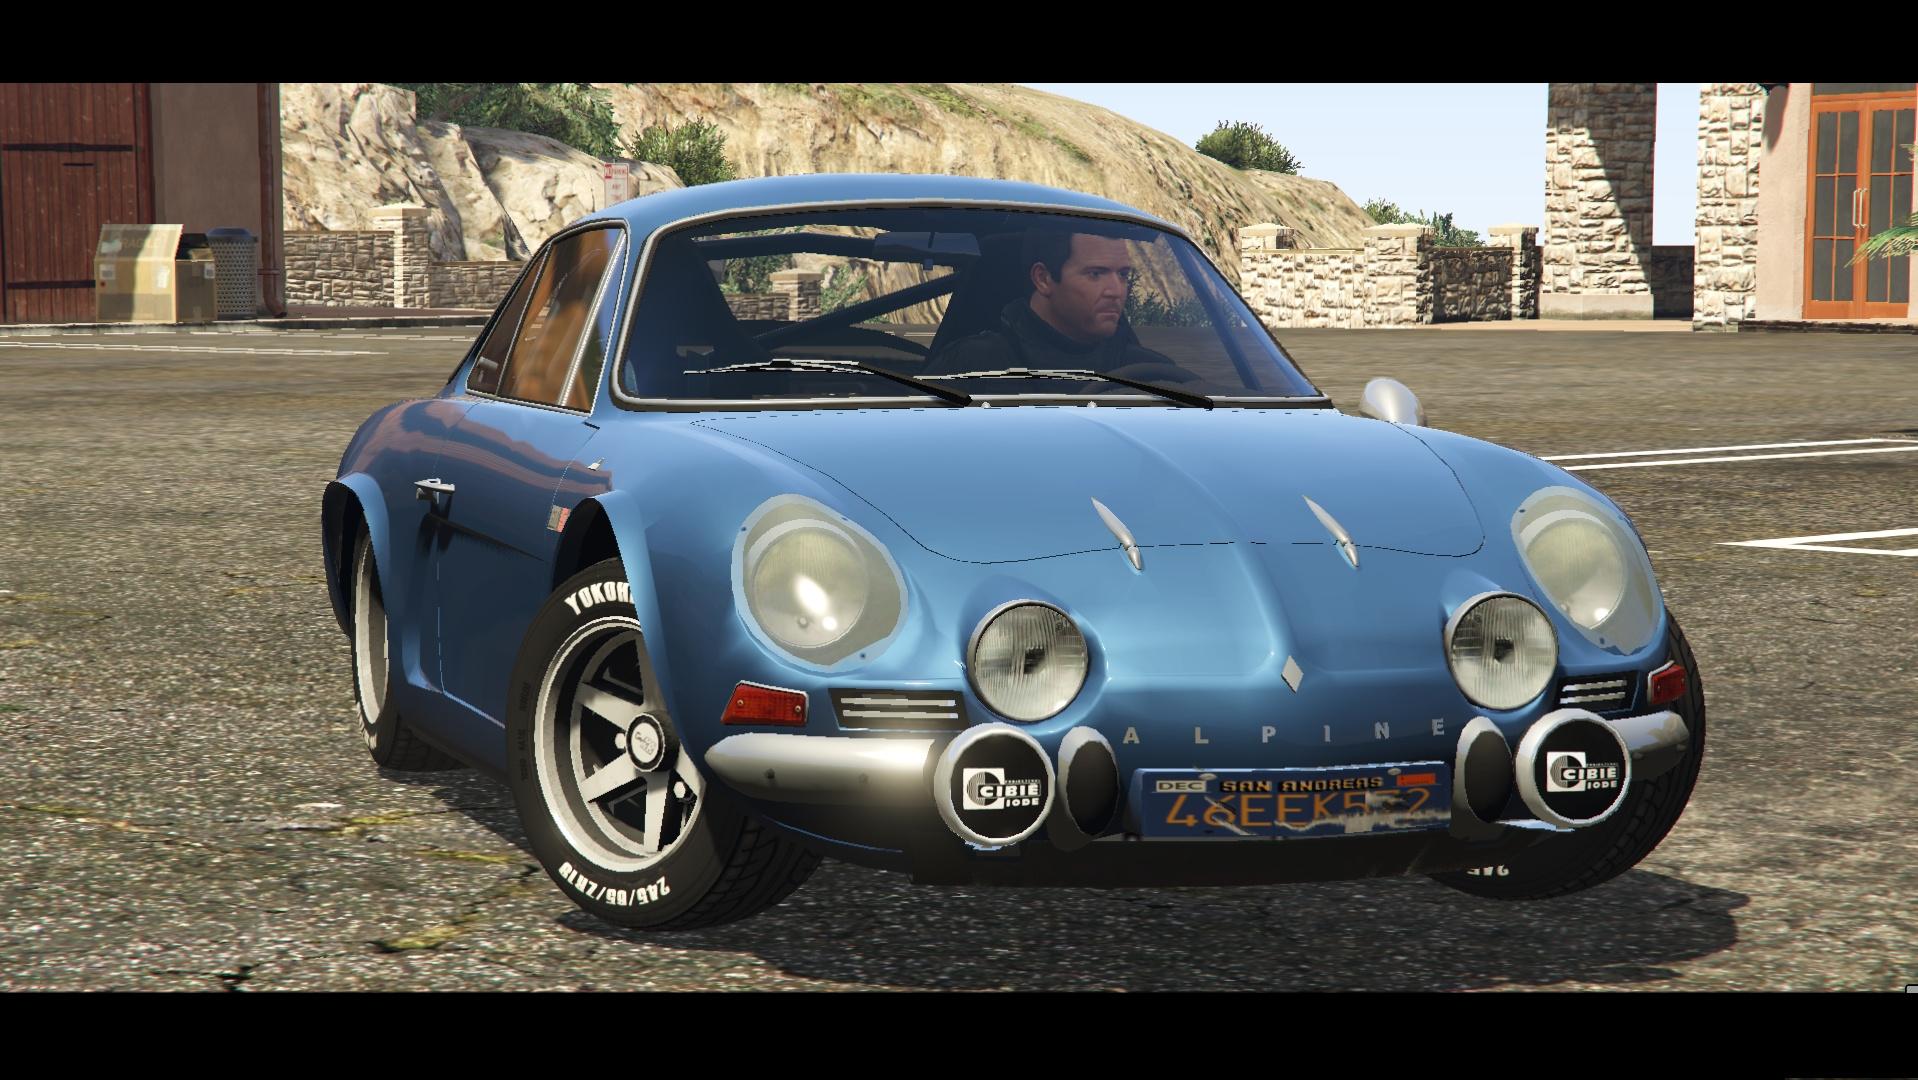 Renault Alpine A110 1600 S Gta5 Mods Com